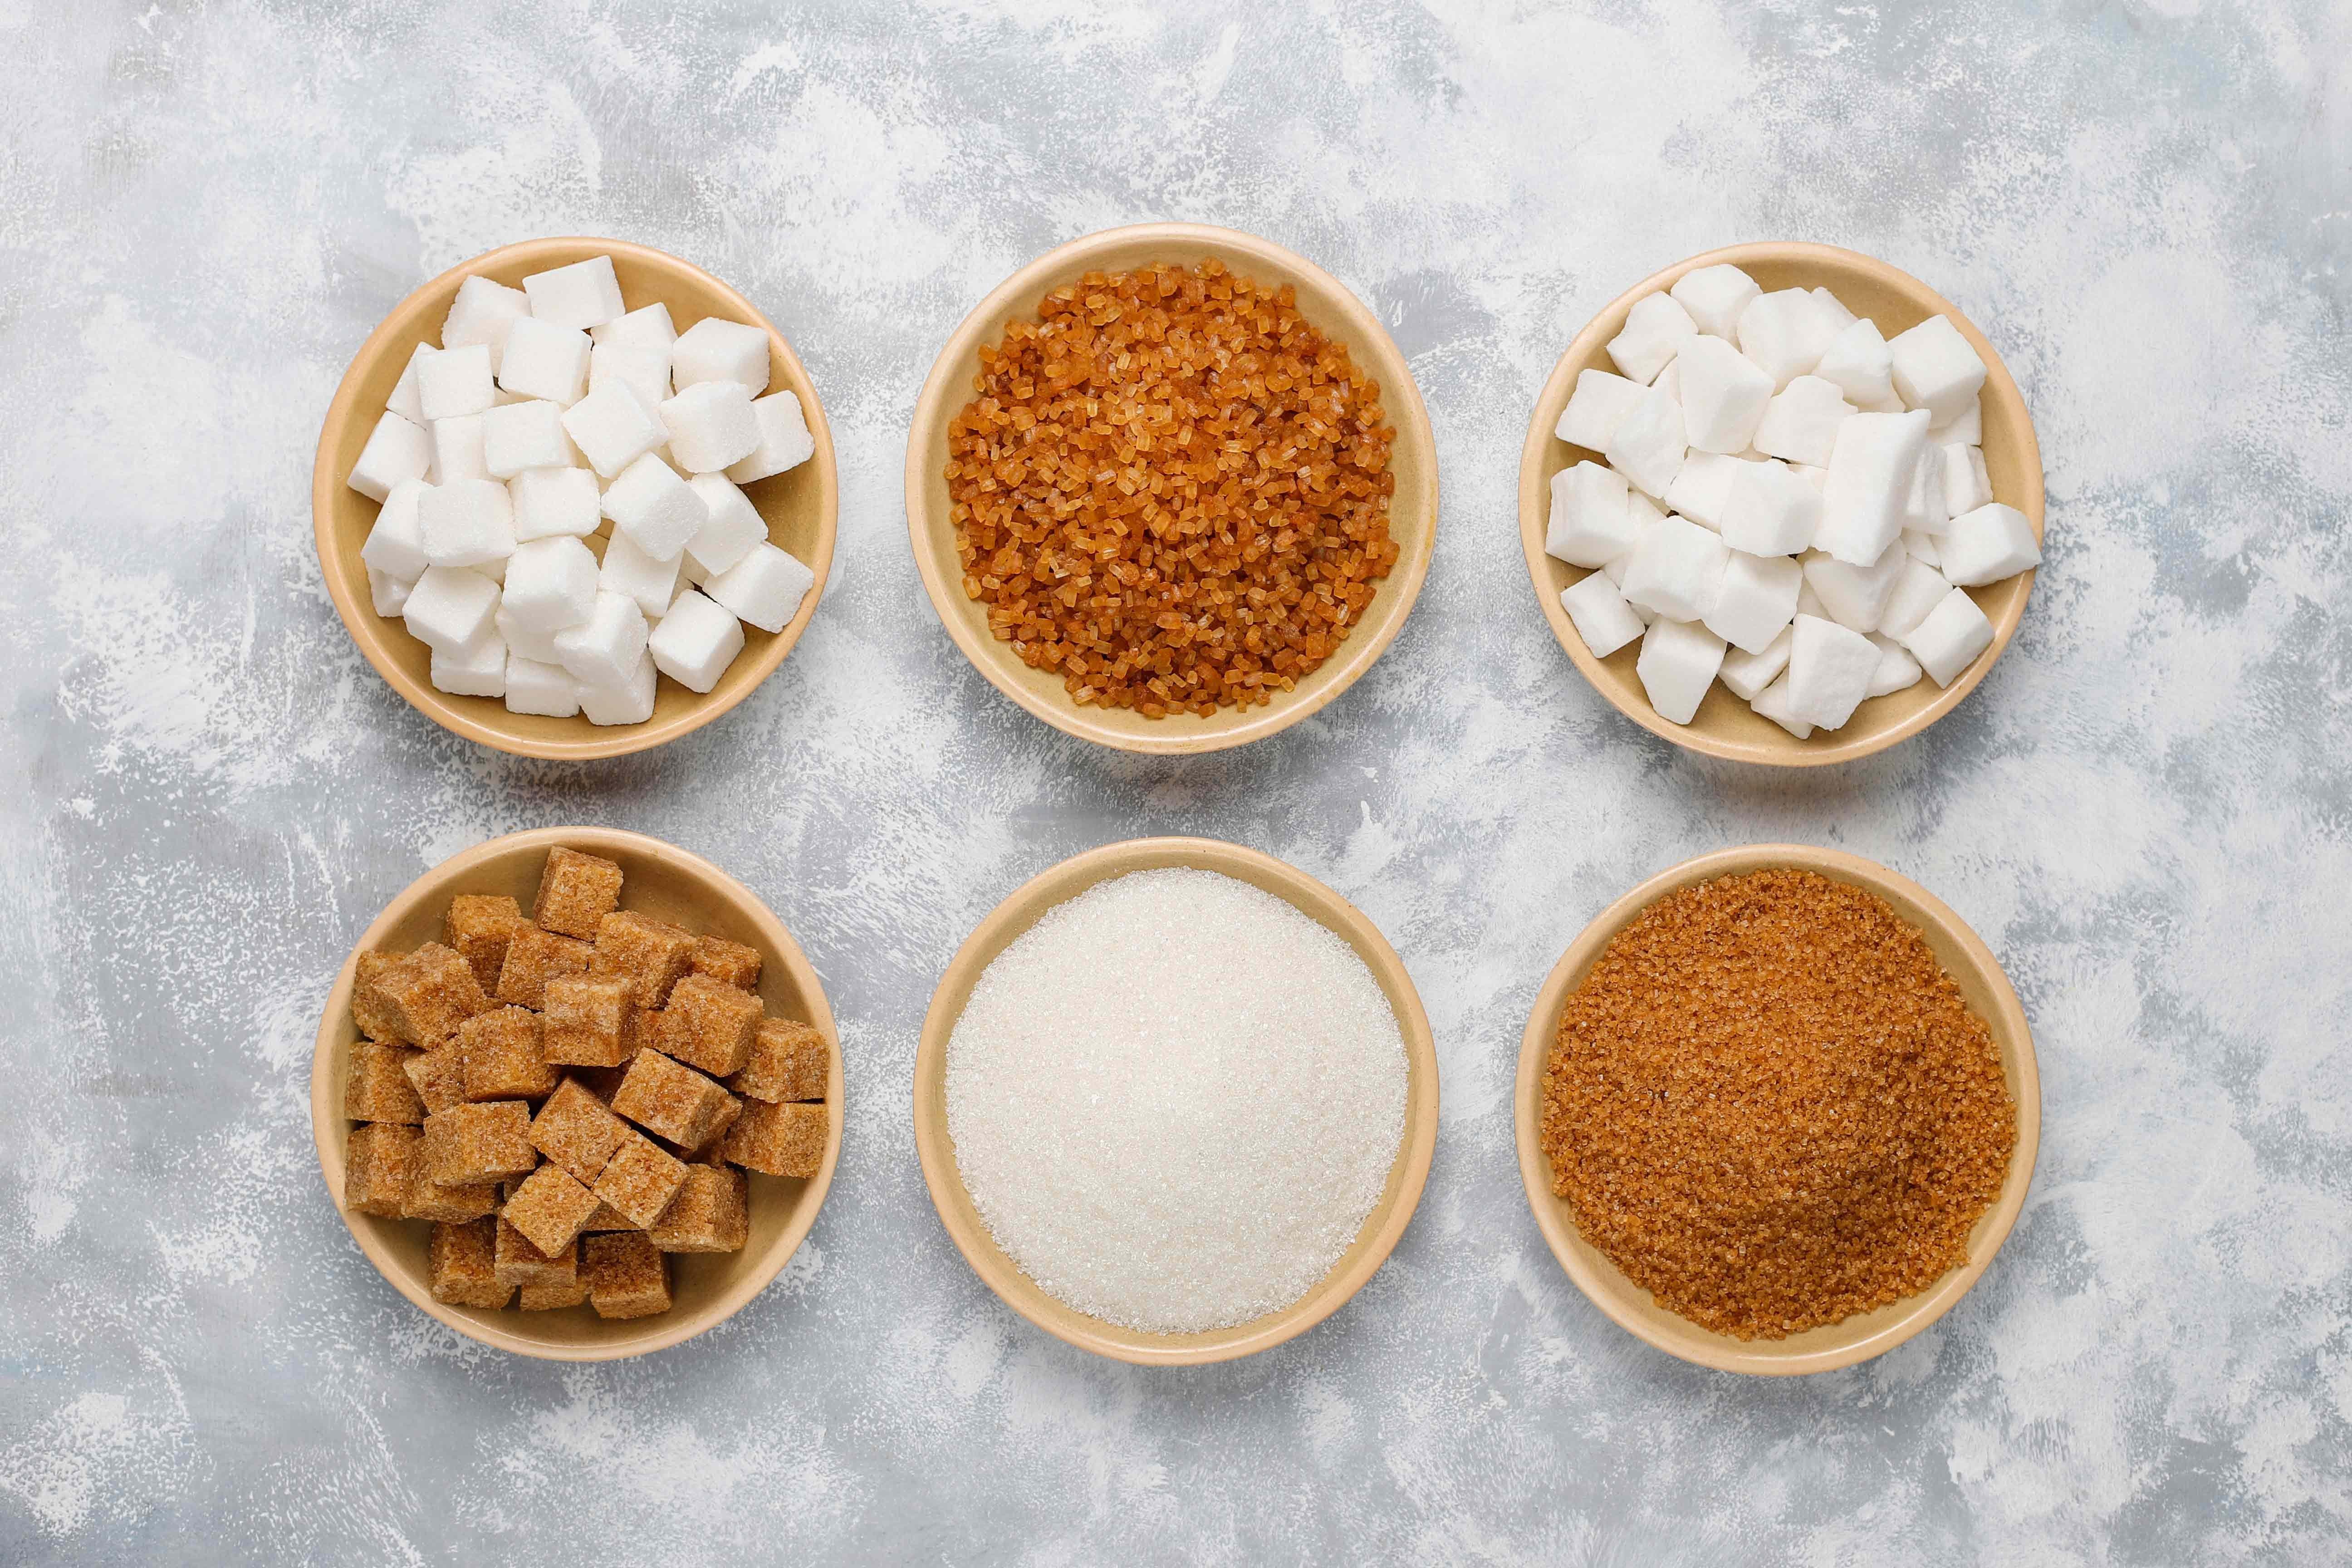 Le diabète nécessite des connaissances en nutrition, notamment sur le sucre